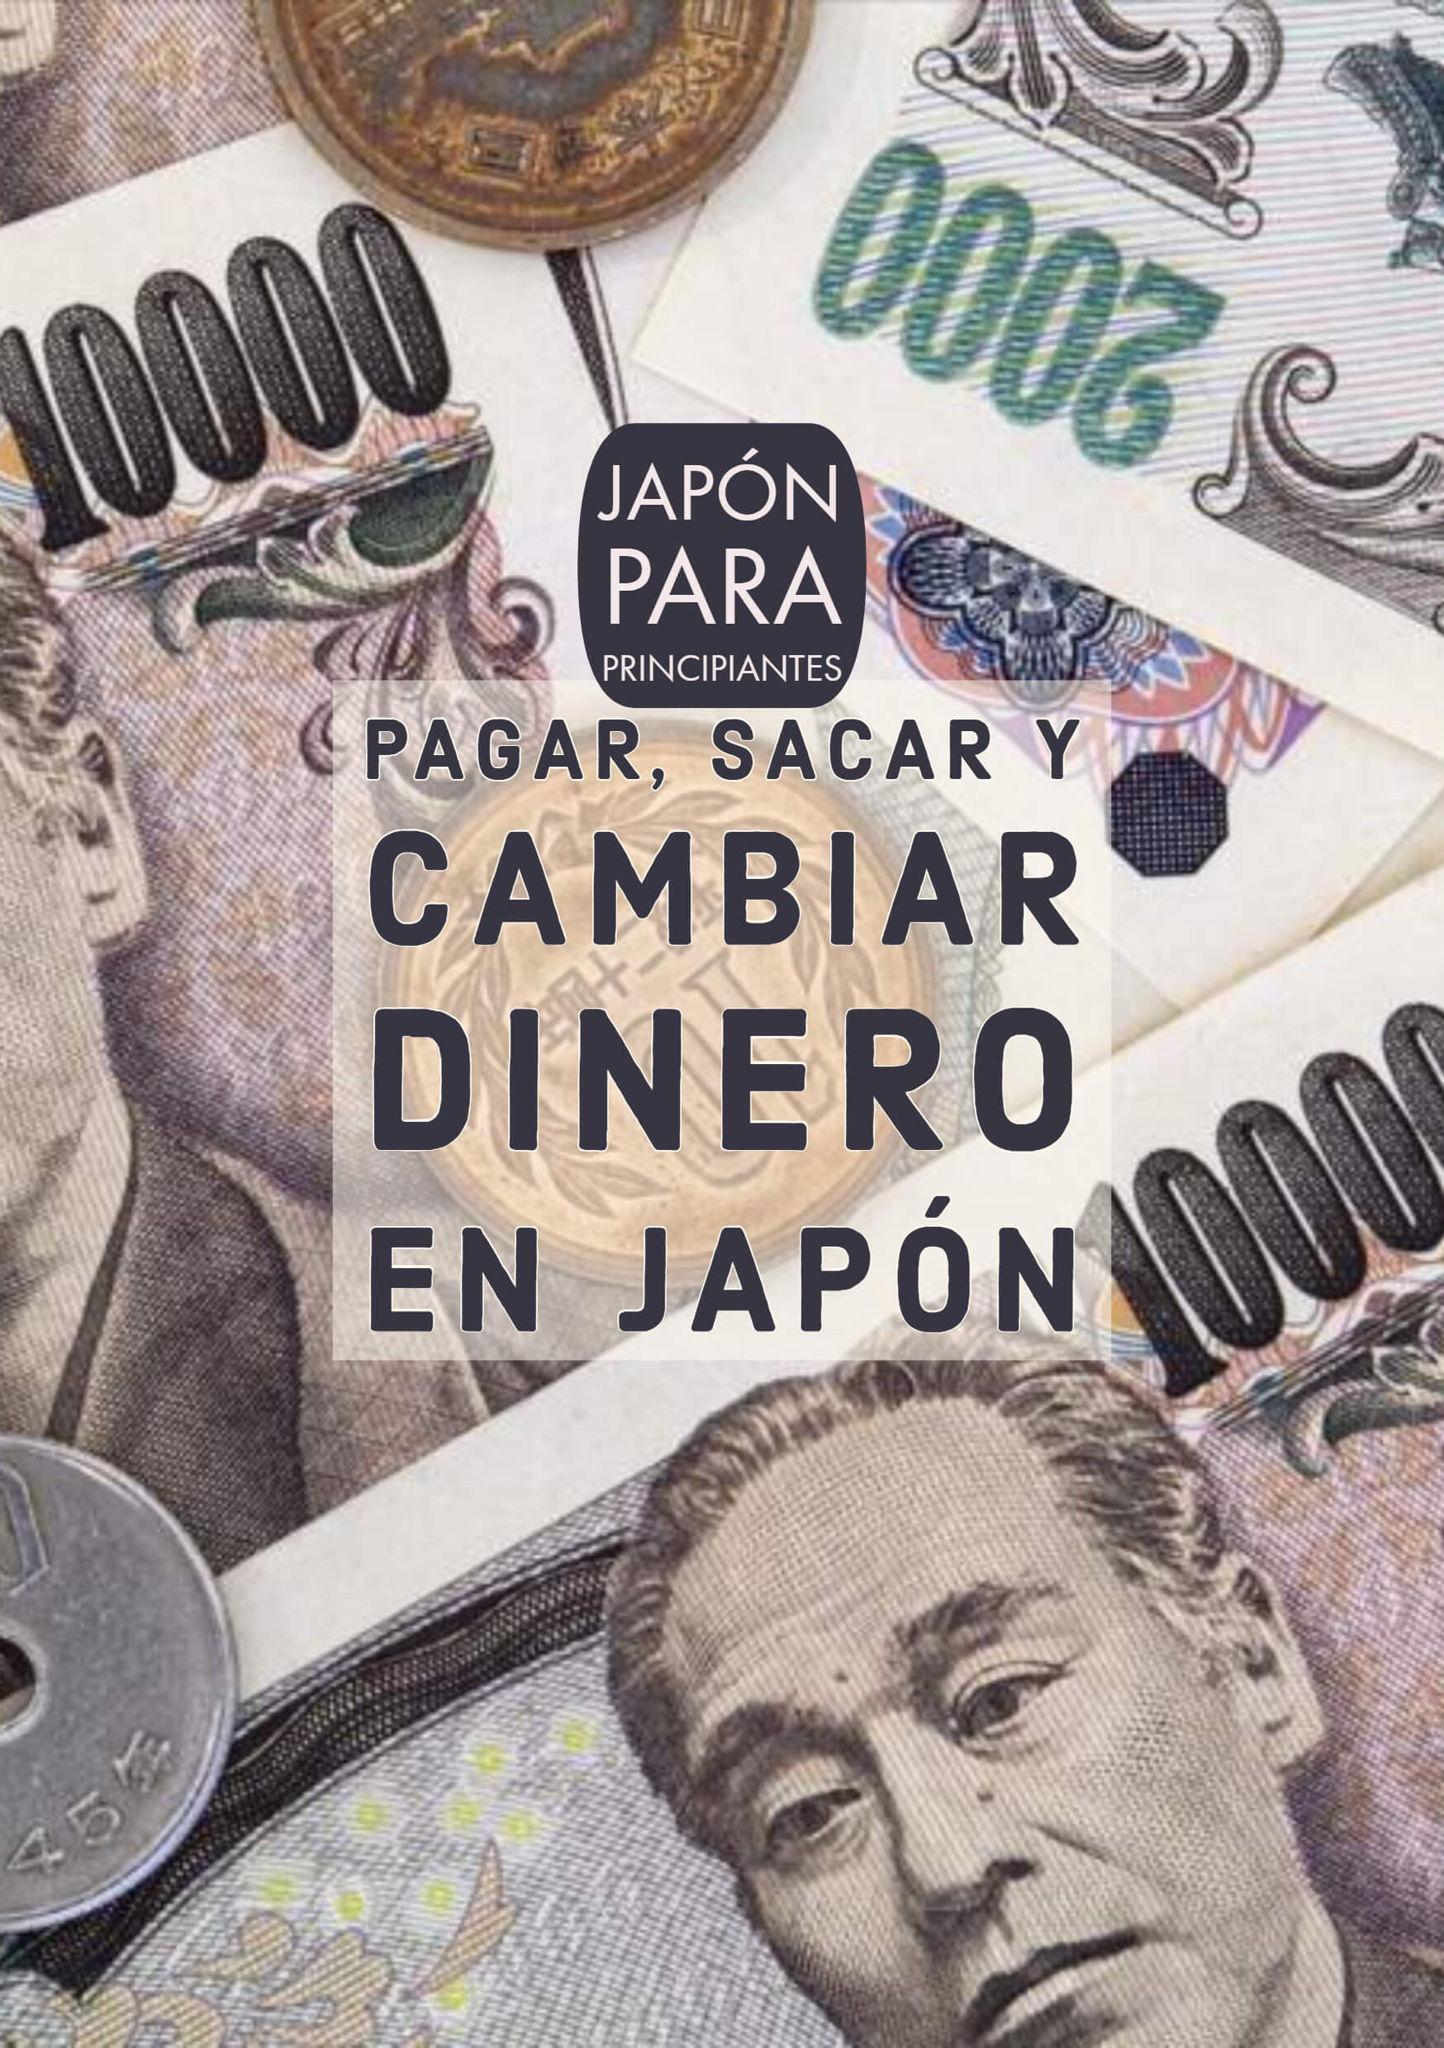 Pagar, sacar y cambiar dinero en Japón